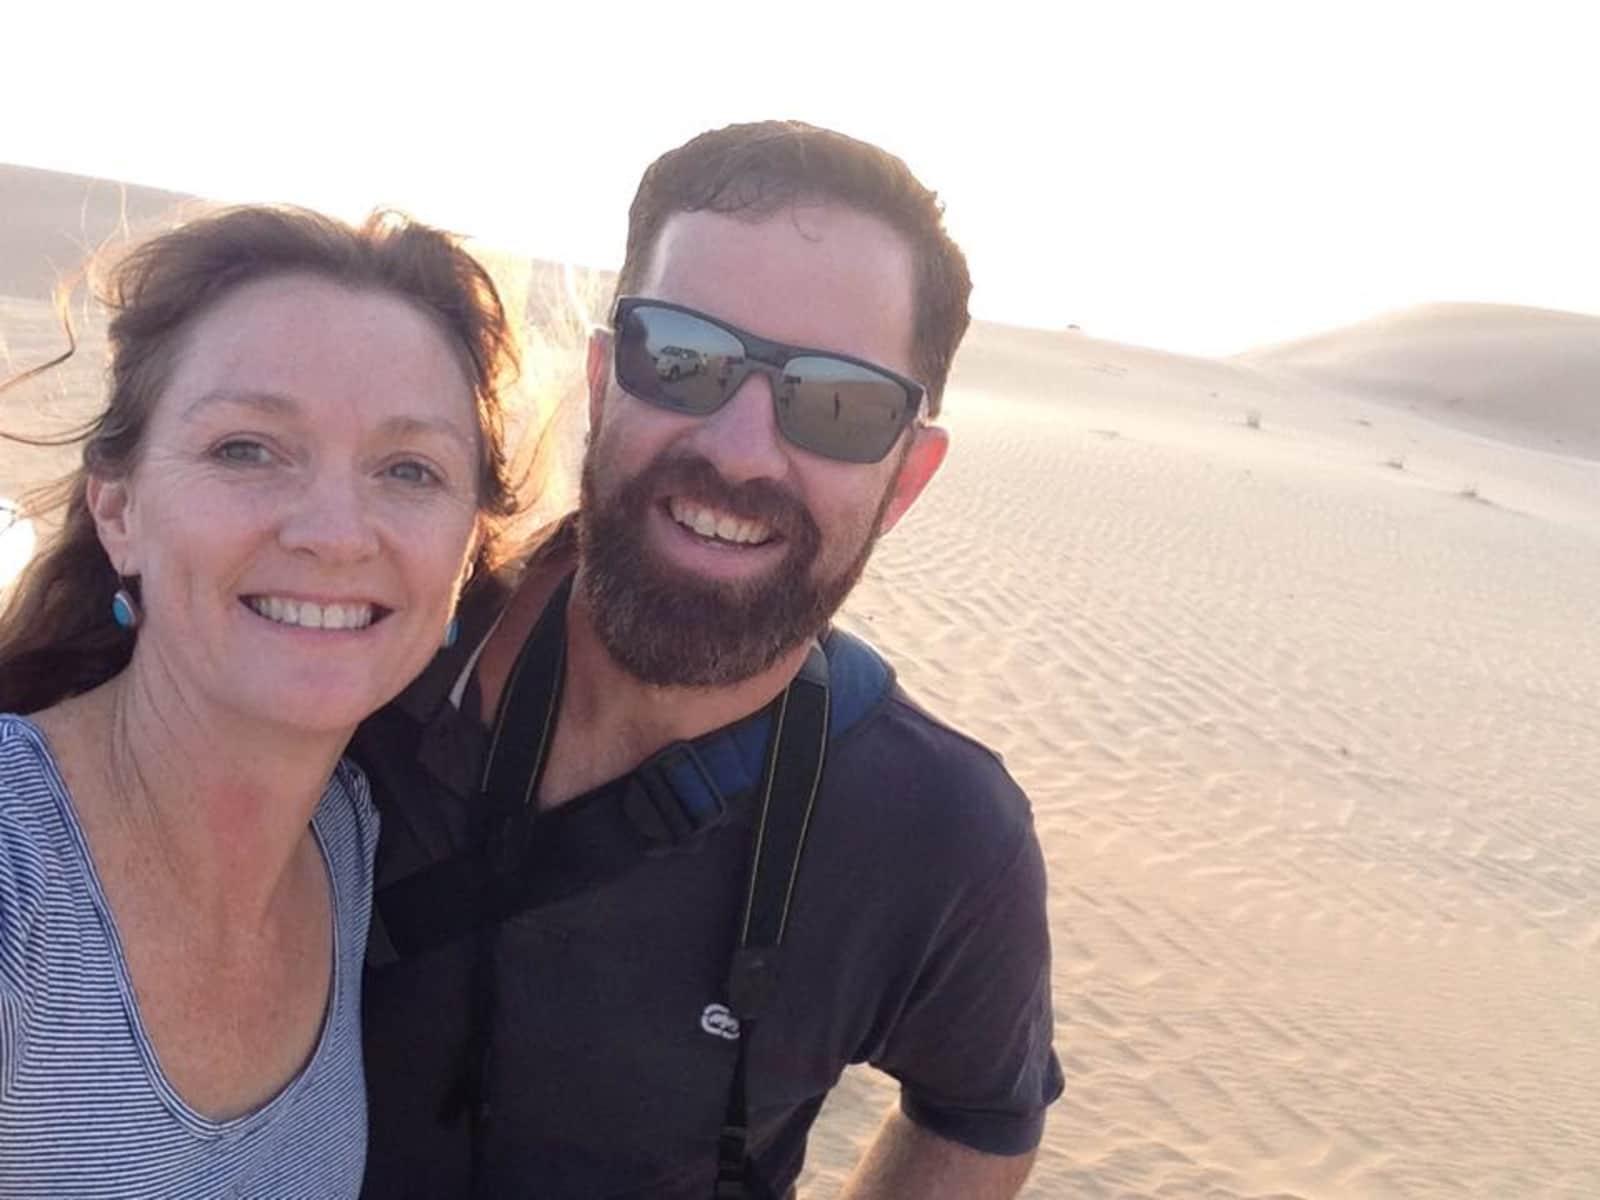 Kristen bland & Luke from Brisbane, Queensland, Australia